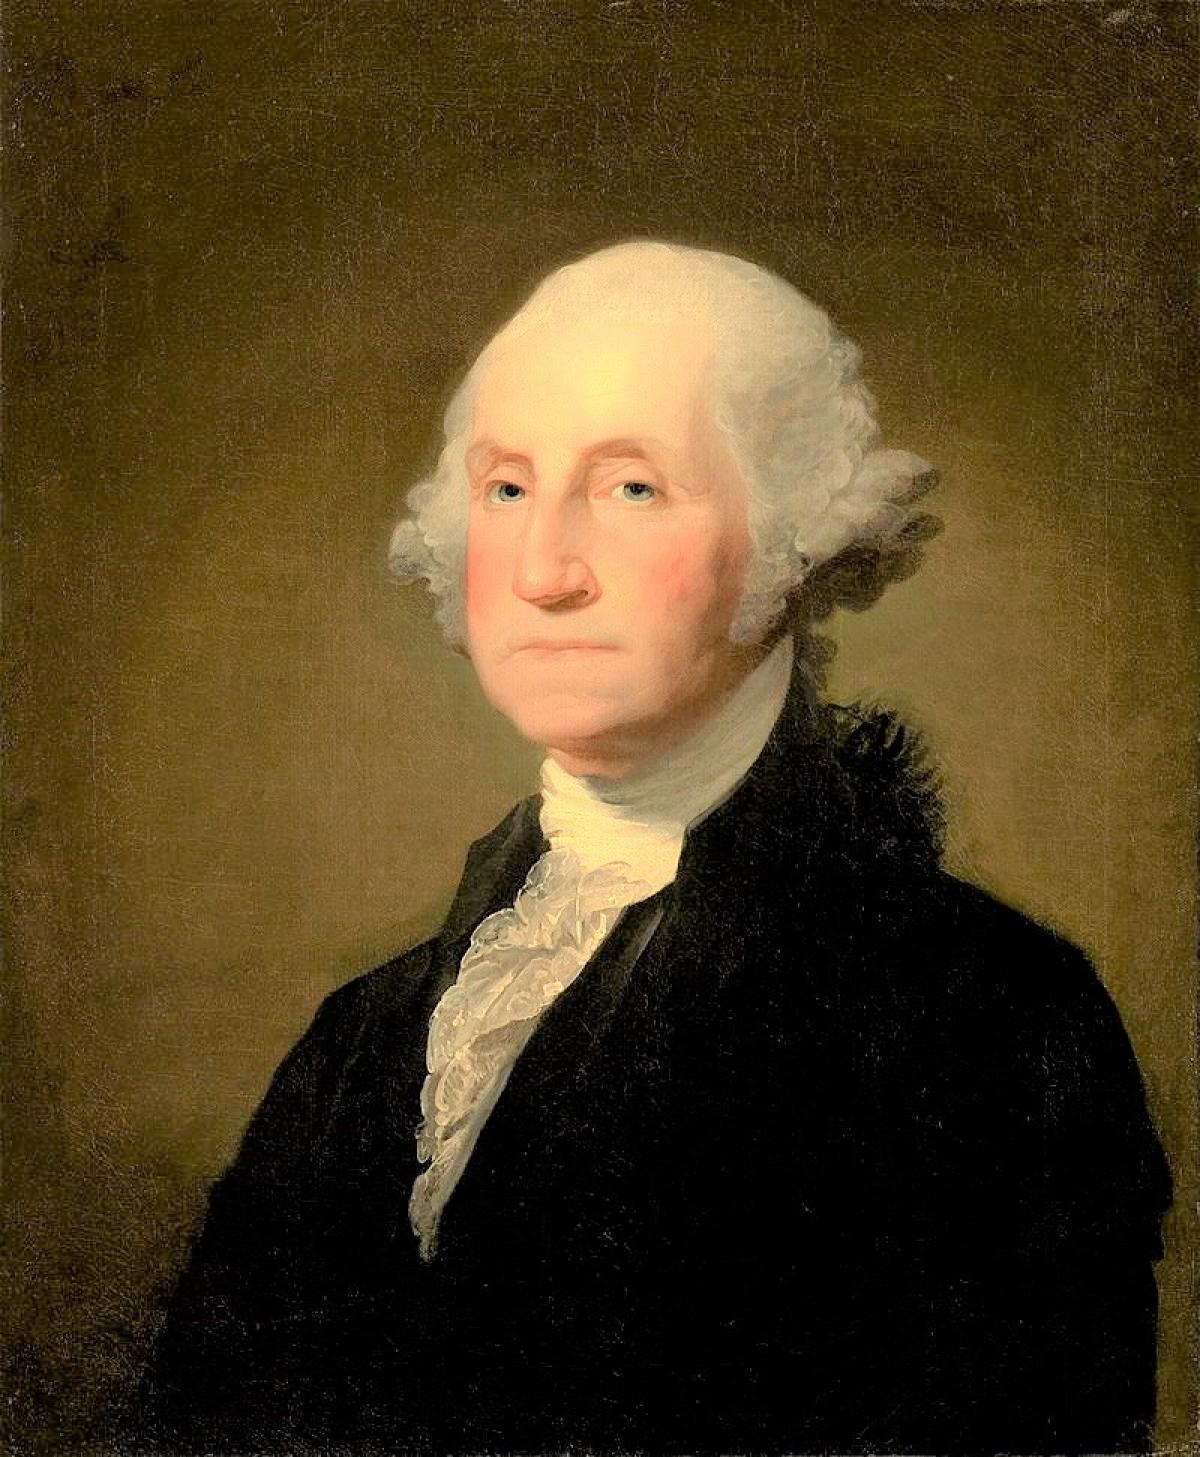 Tổng thống đầu tiên của Hoa Kỳ George Washington; Nguồn: wikipedia.org